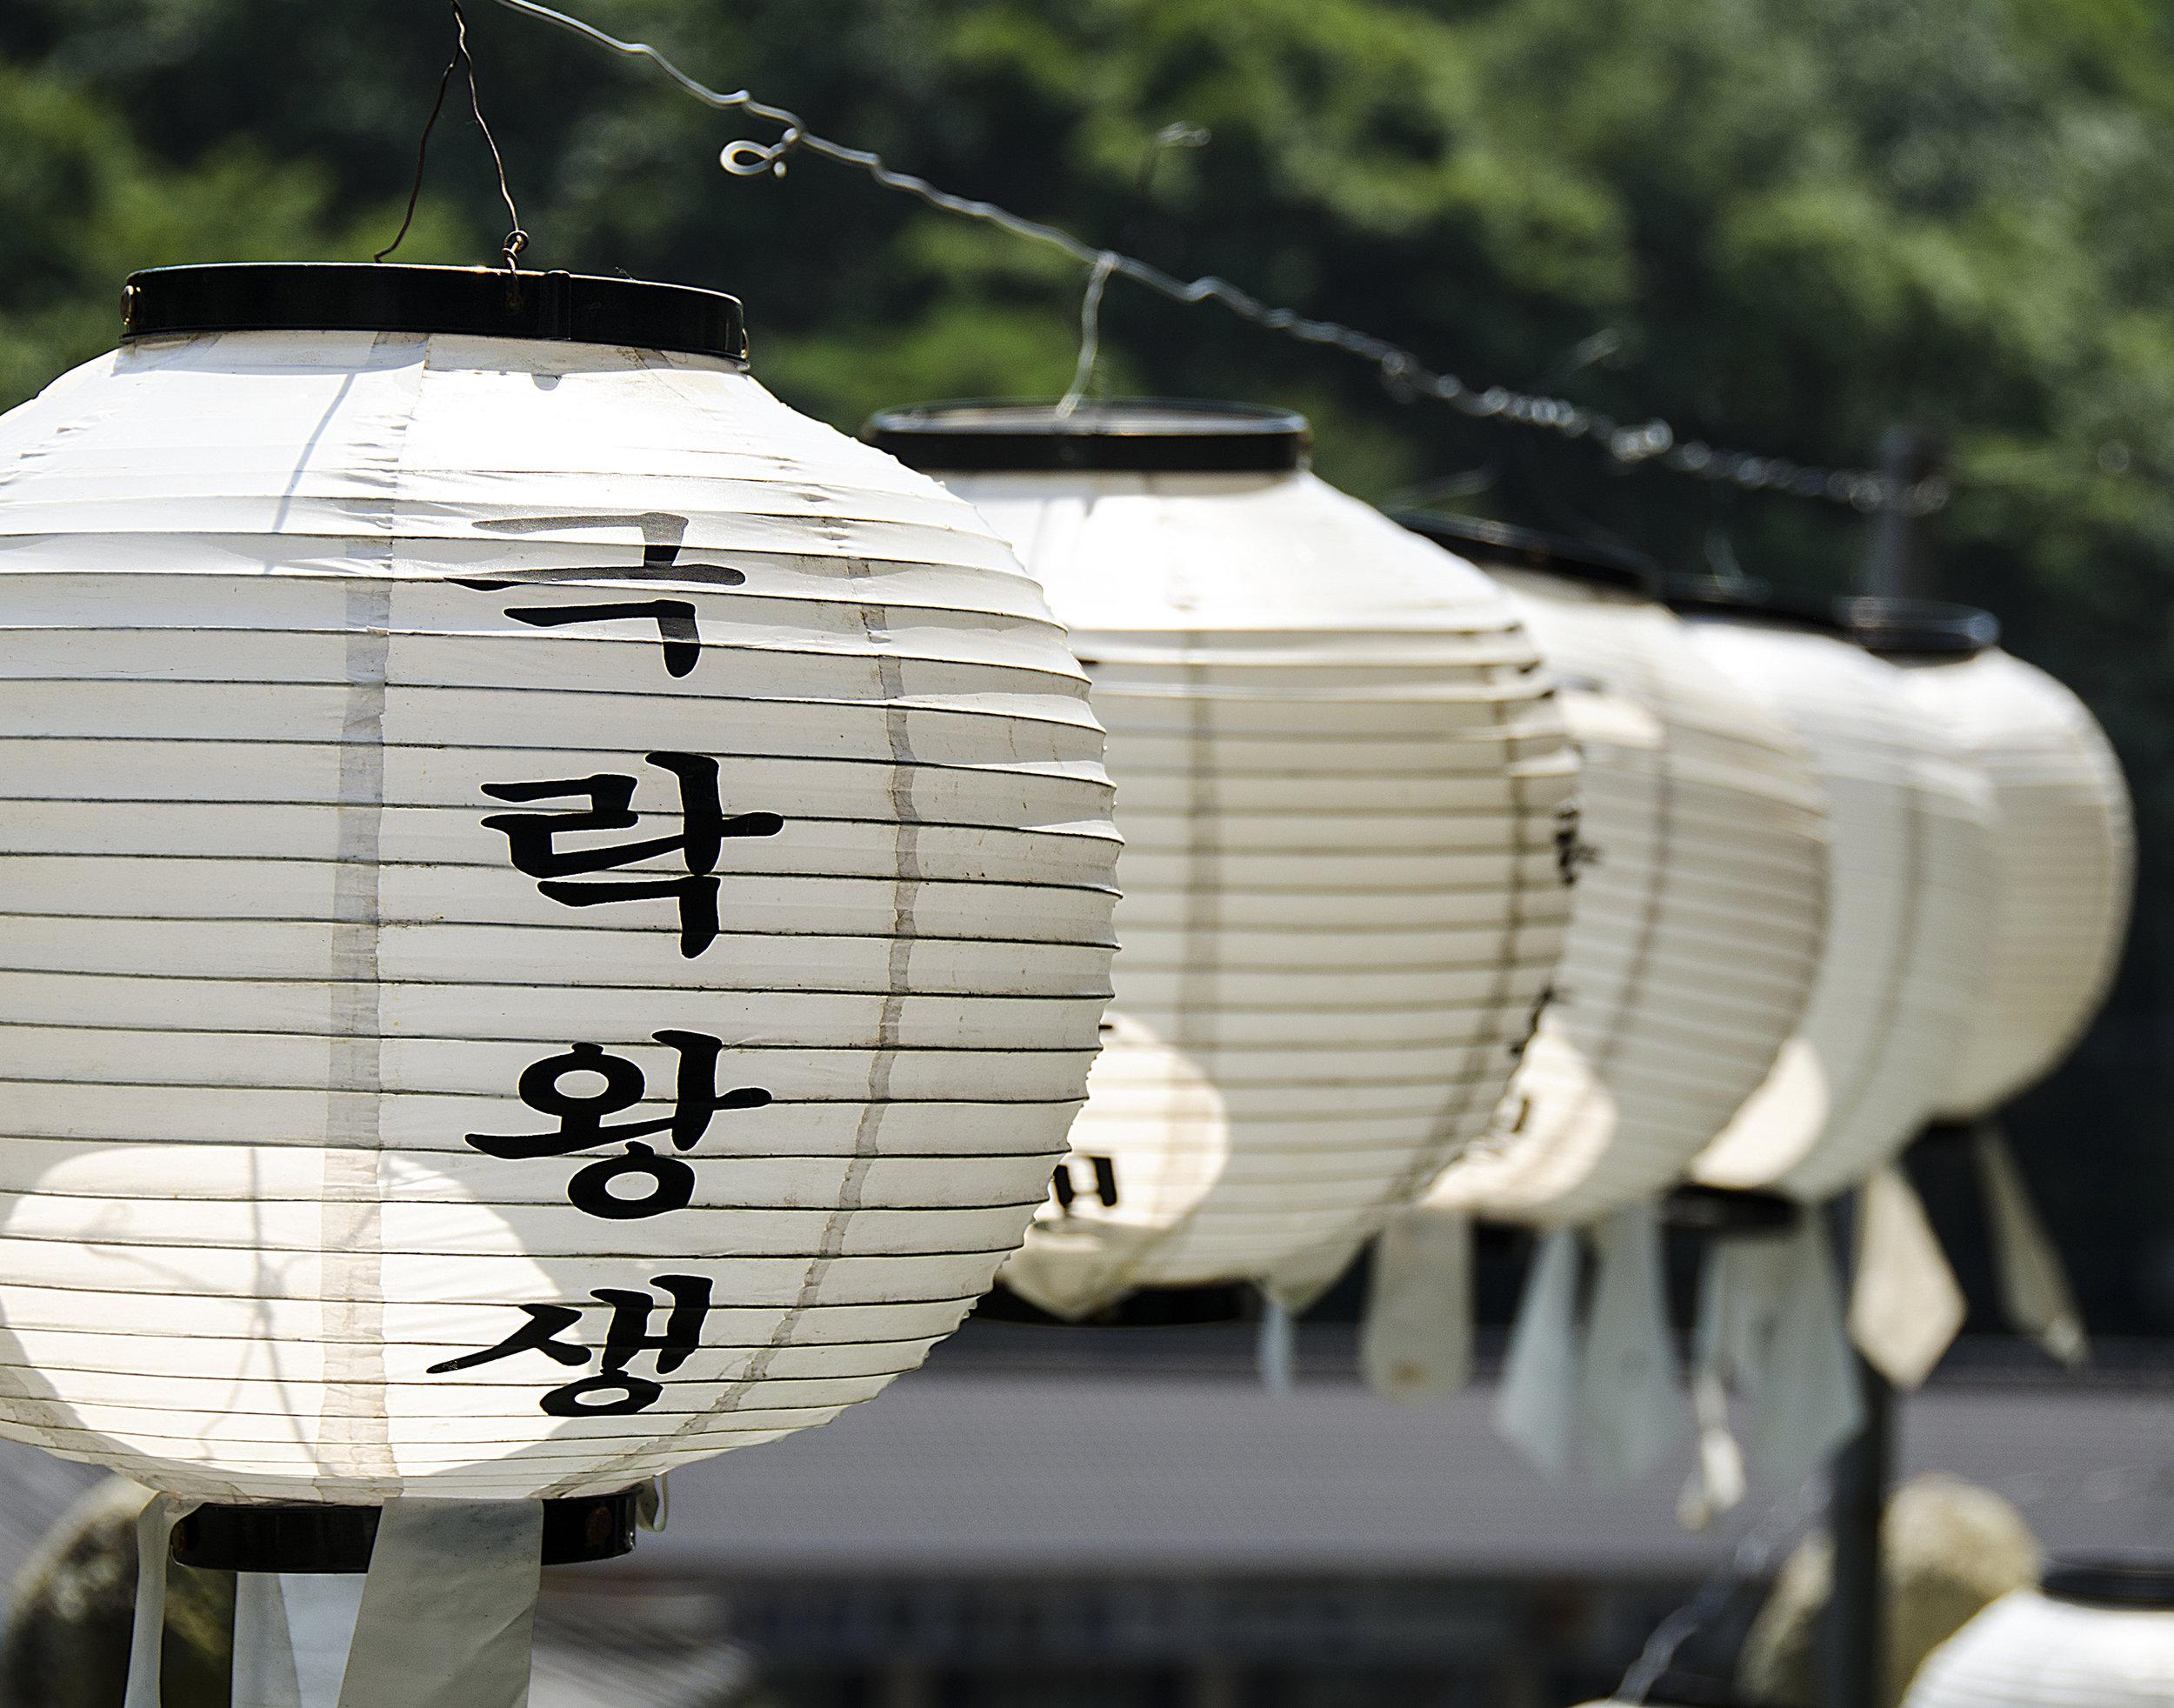 Spencer_Drake_Korean_Laterns_Photography_Travel_Paper_Lantern_Korean_White_Buddhist_Temple.jpg